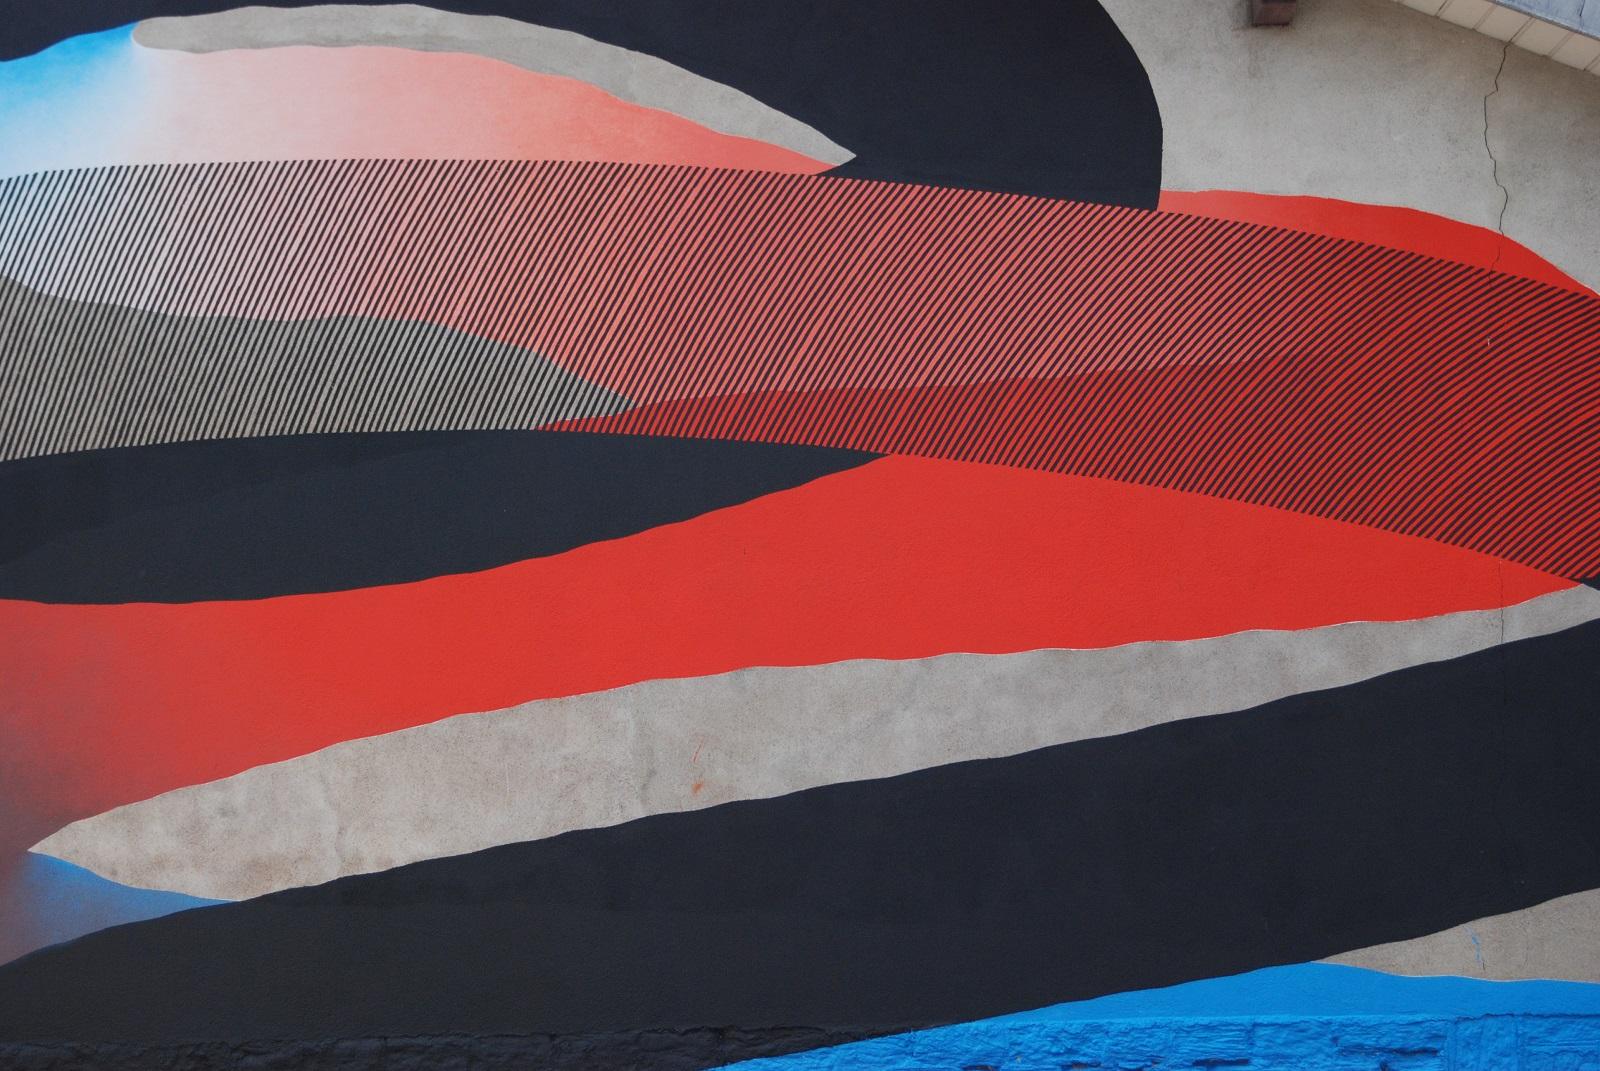 momo-new-murals-for-bien-urbain-festival-2014-06